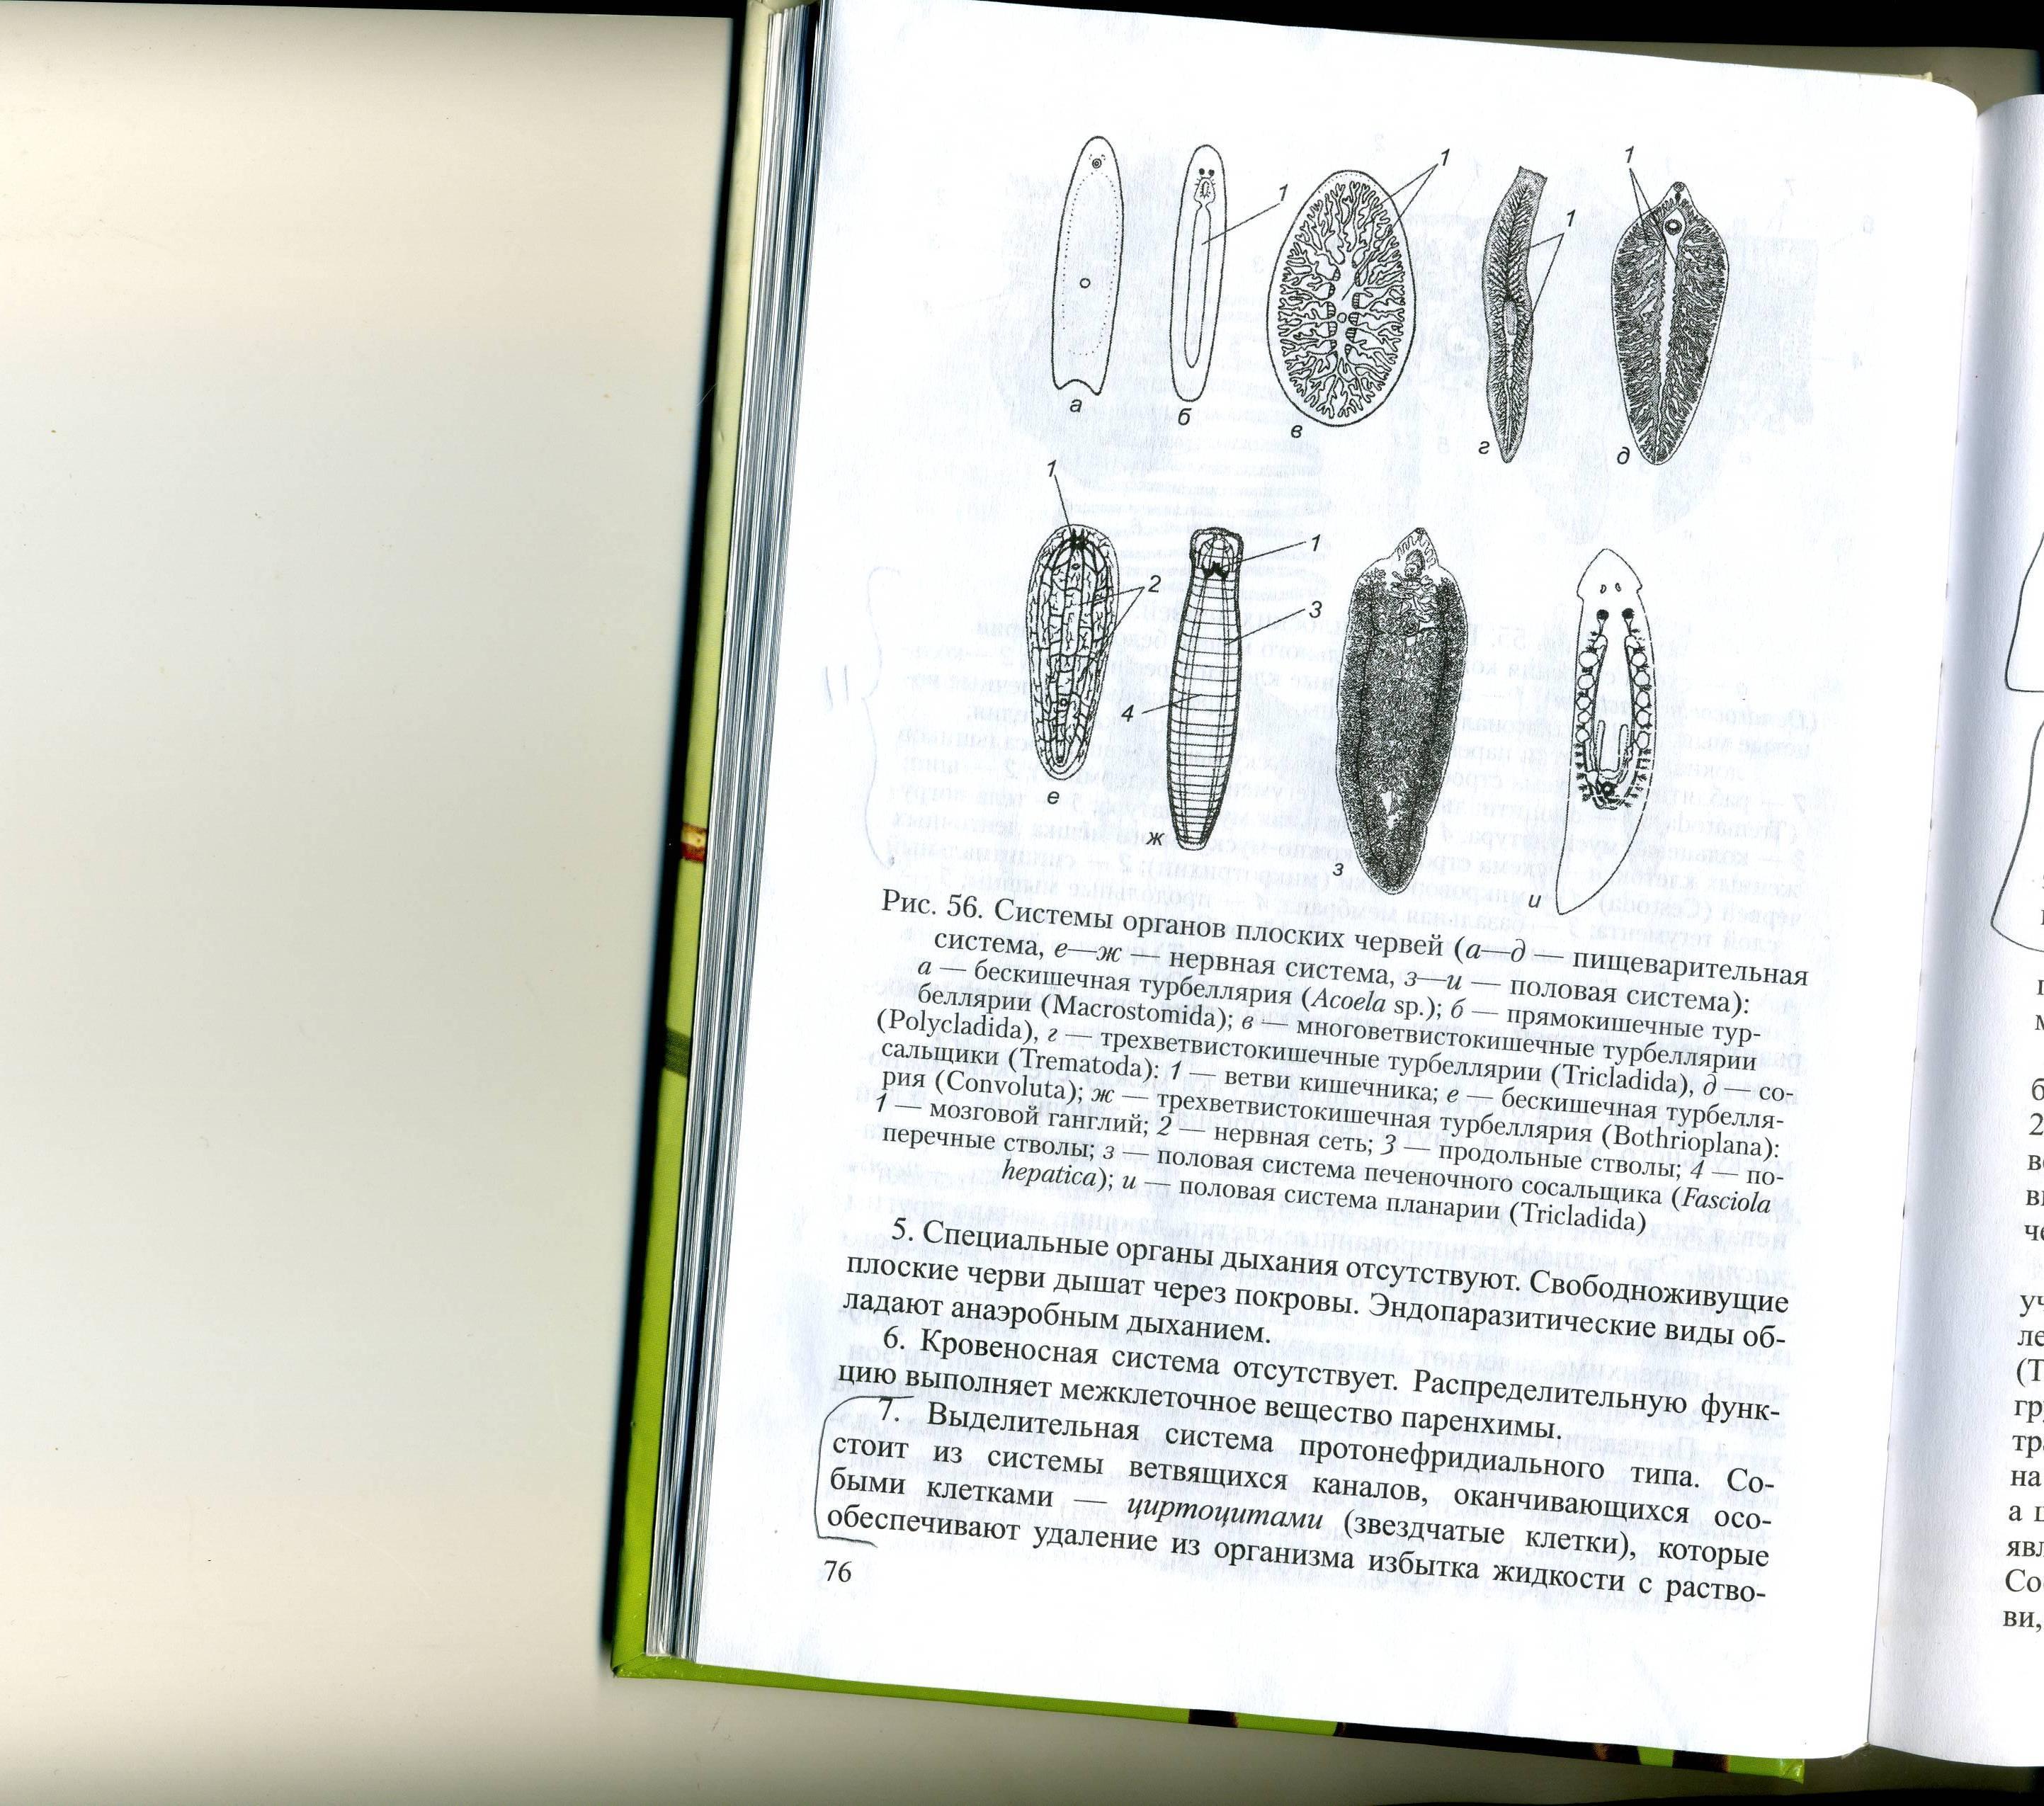 Нервная система плоских червей состоит из головного узла